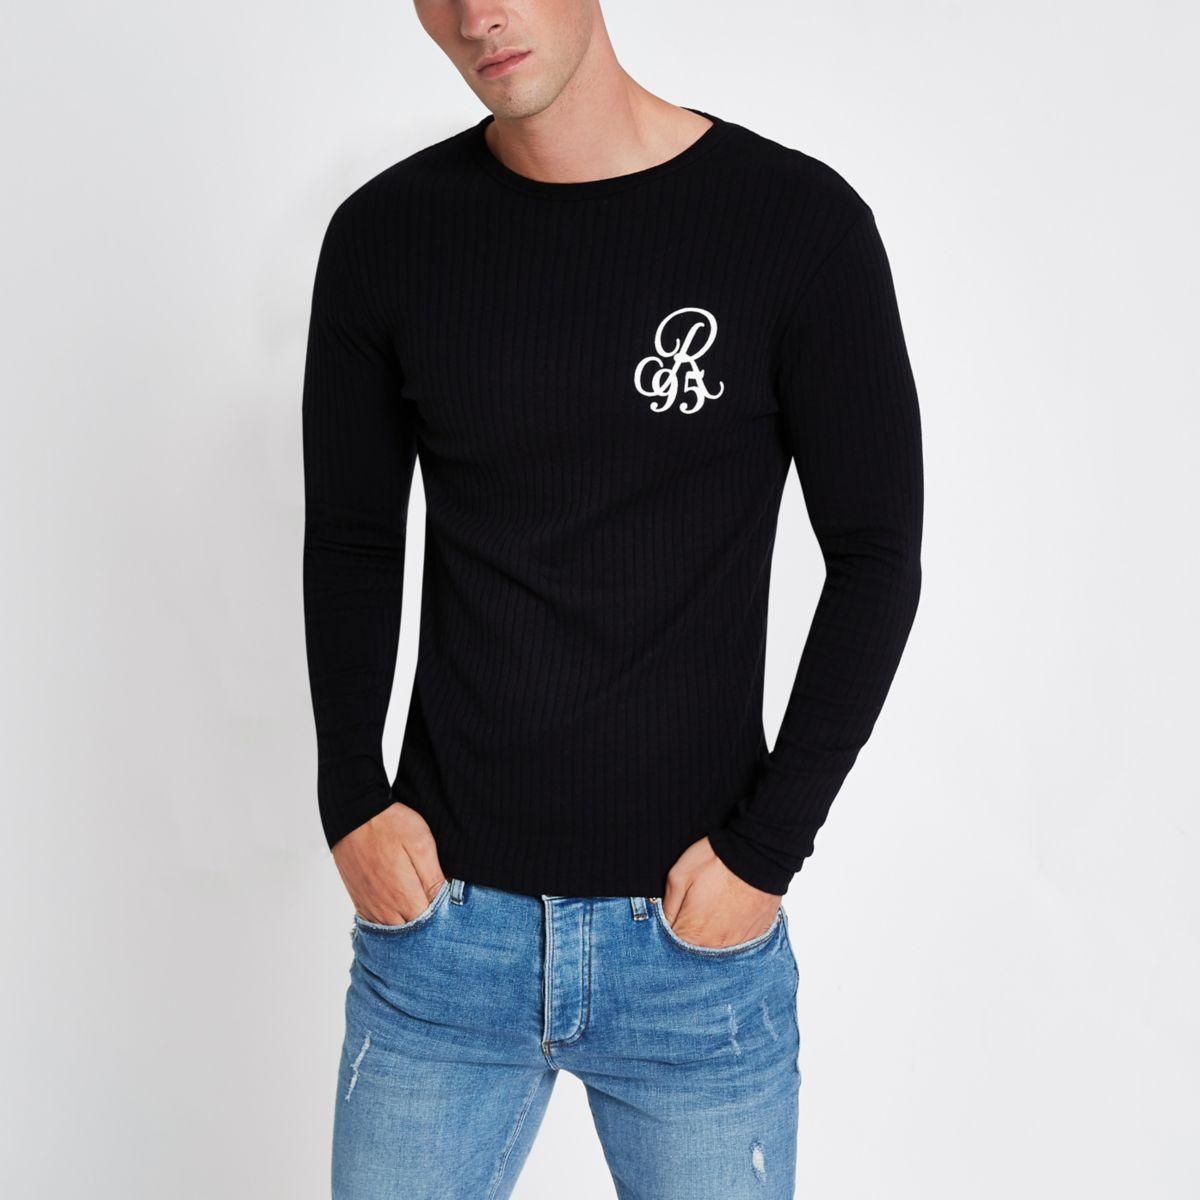 Black rib 'R95' long sleeve slim fit T-shirt